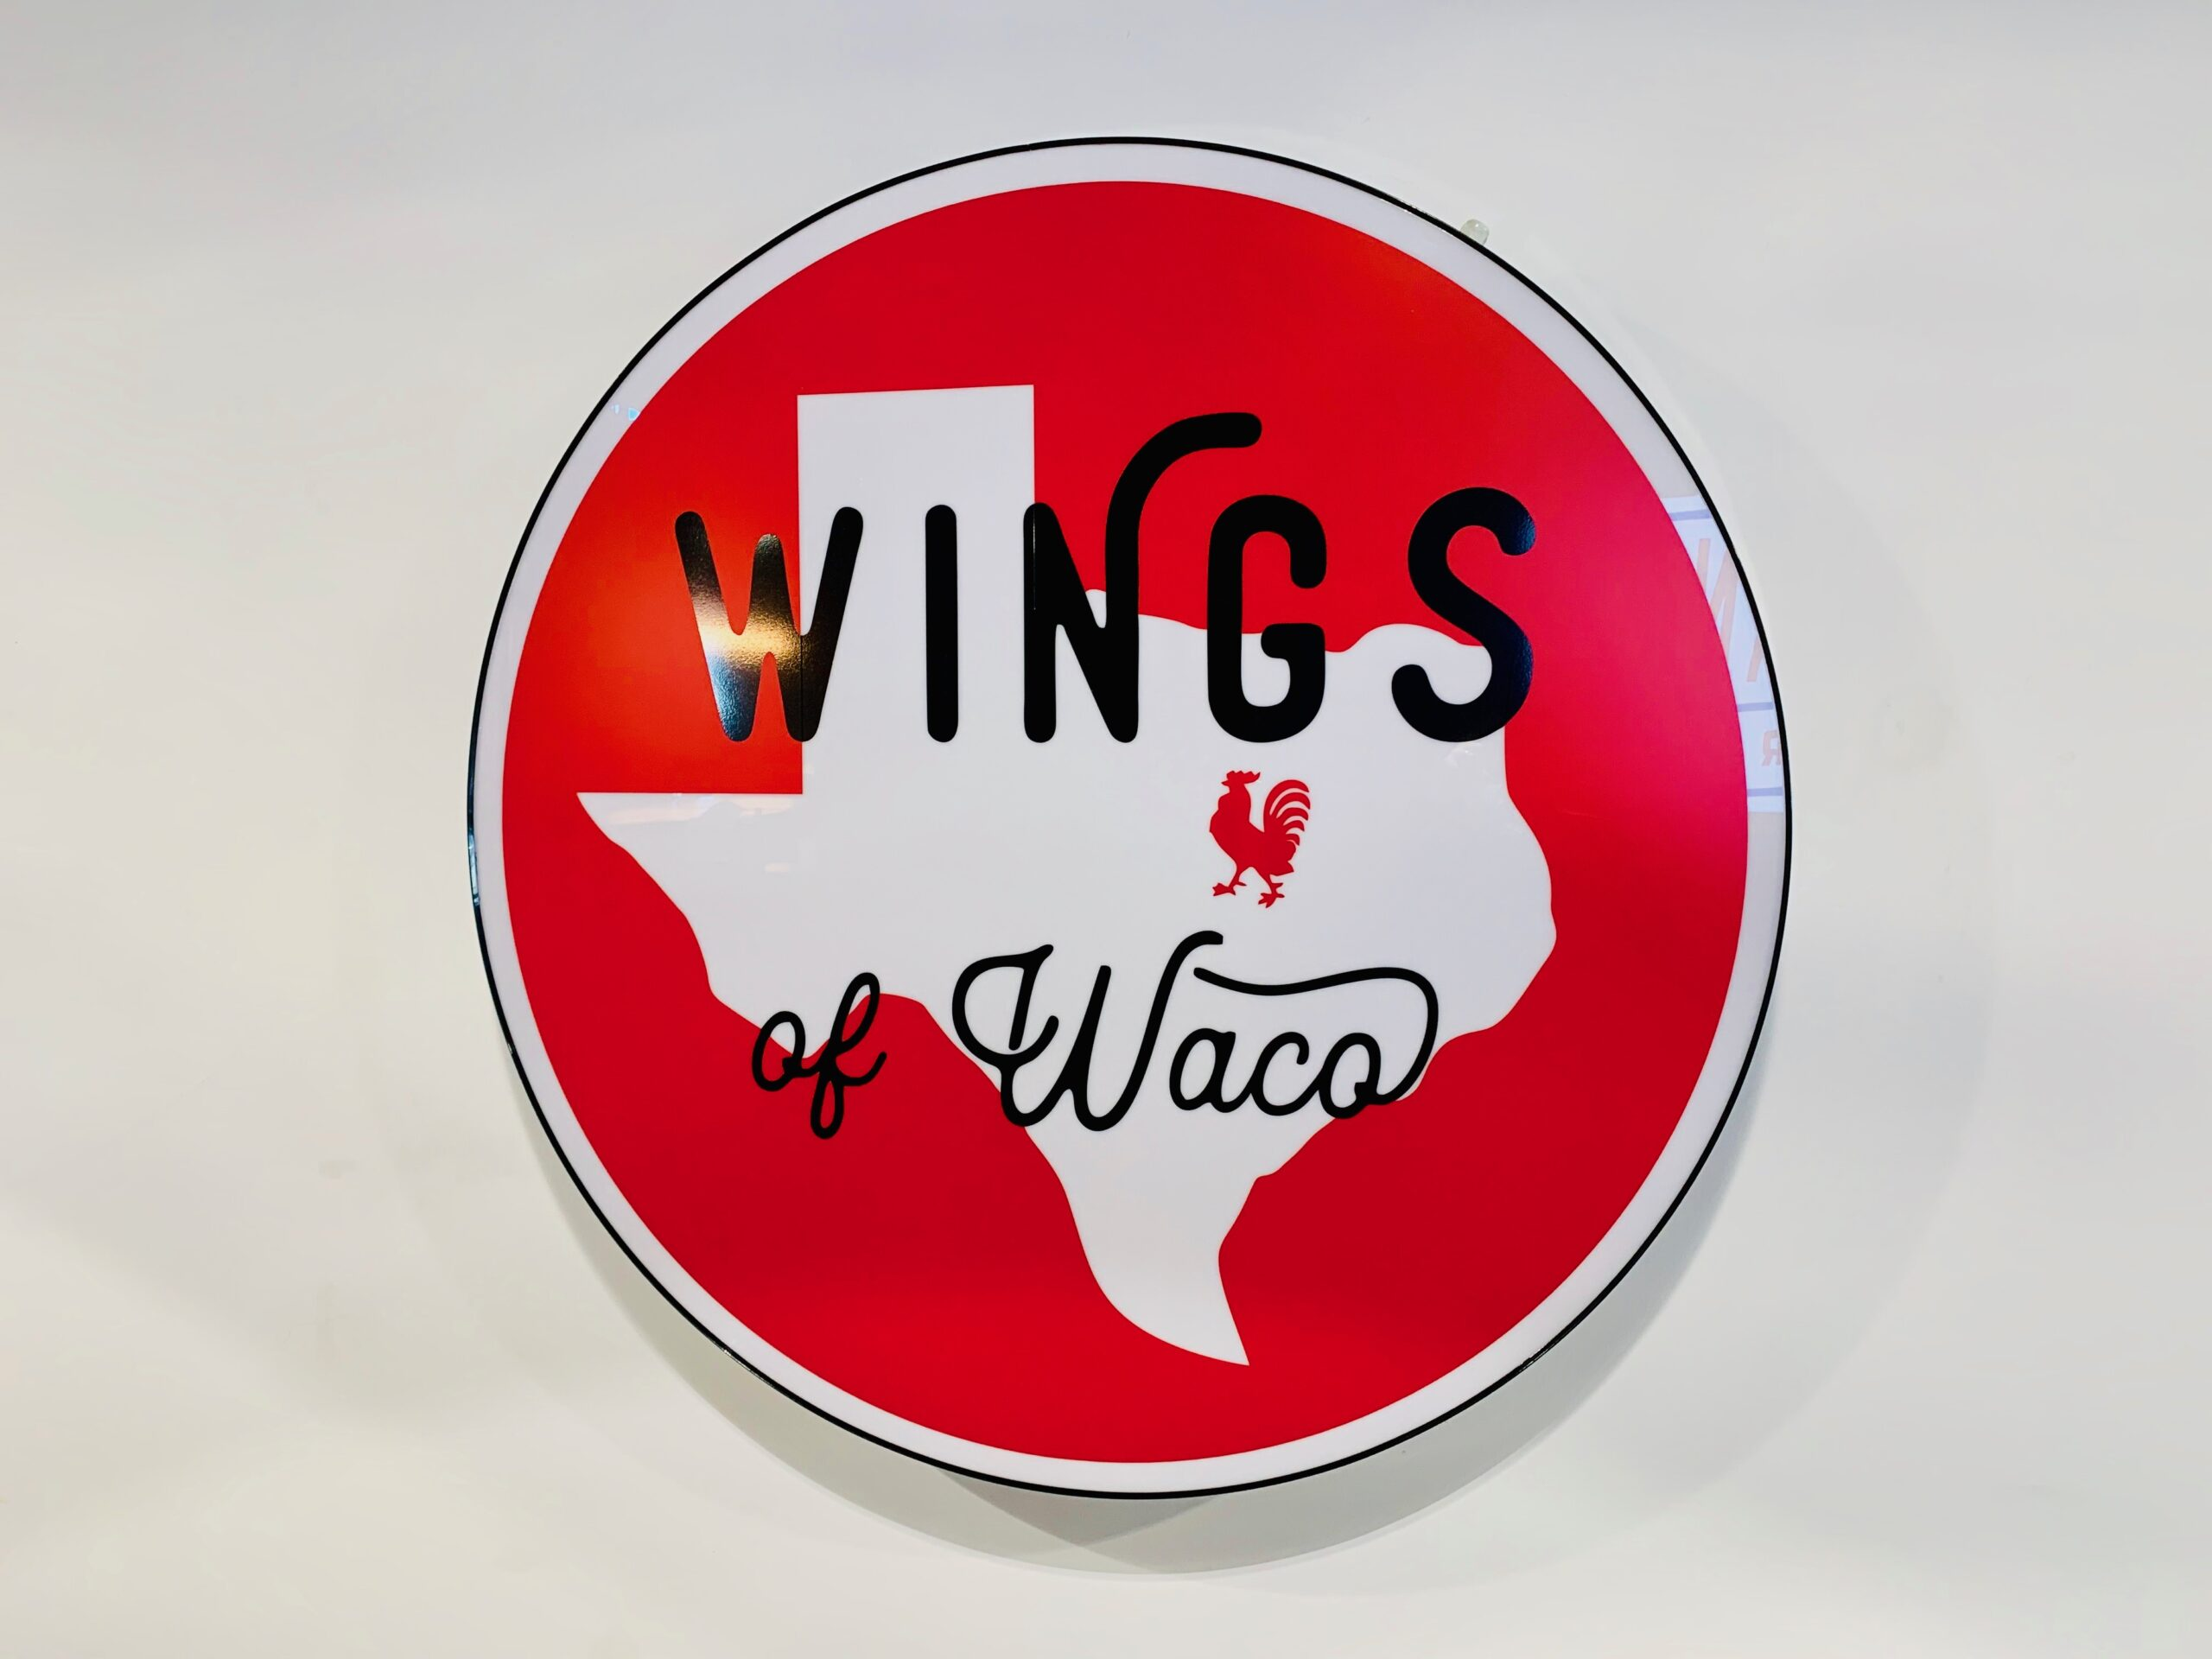 Wings of Waco Now Open!